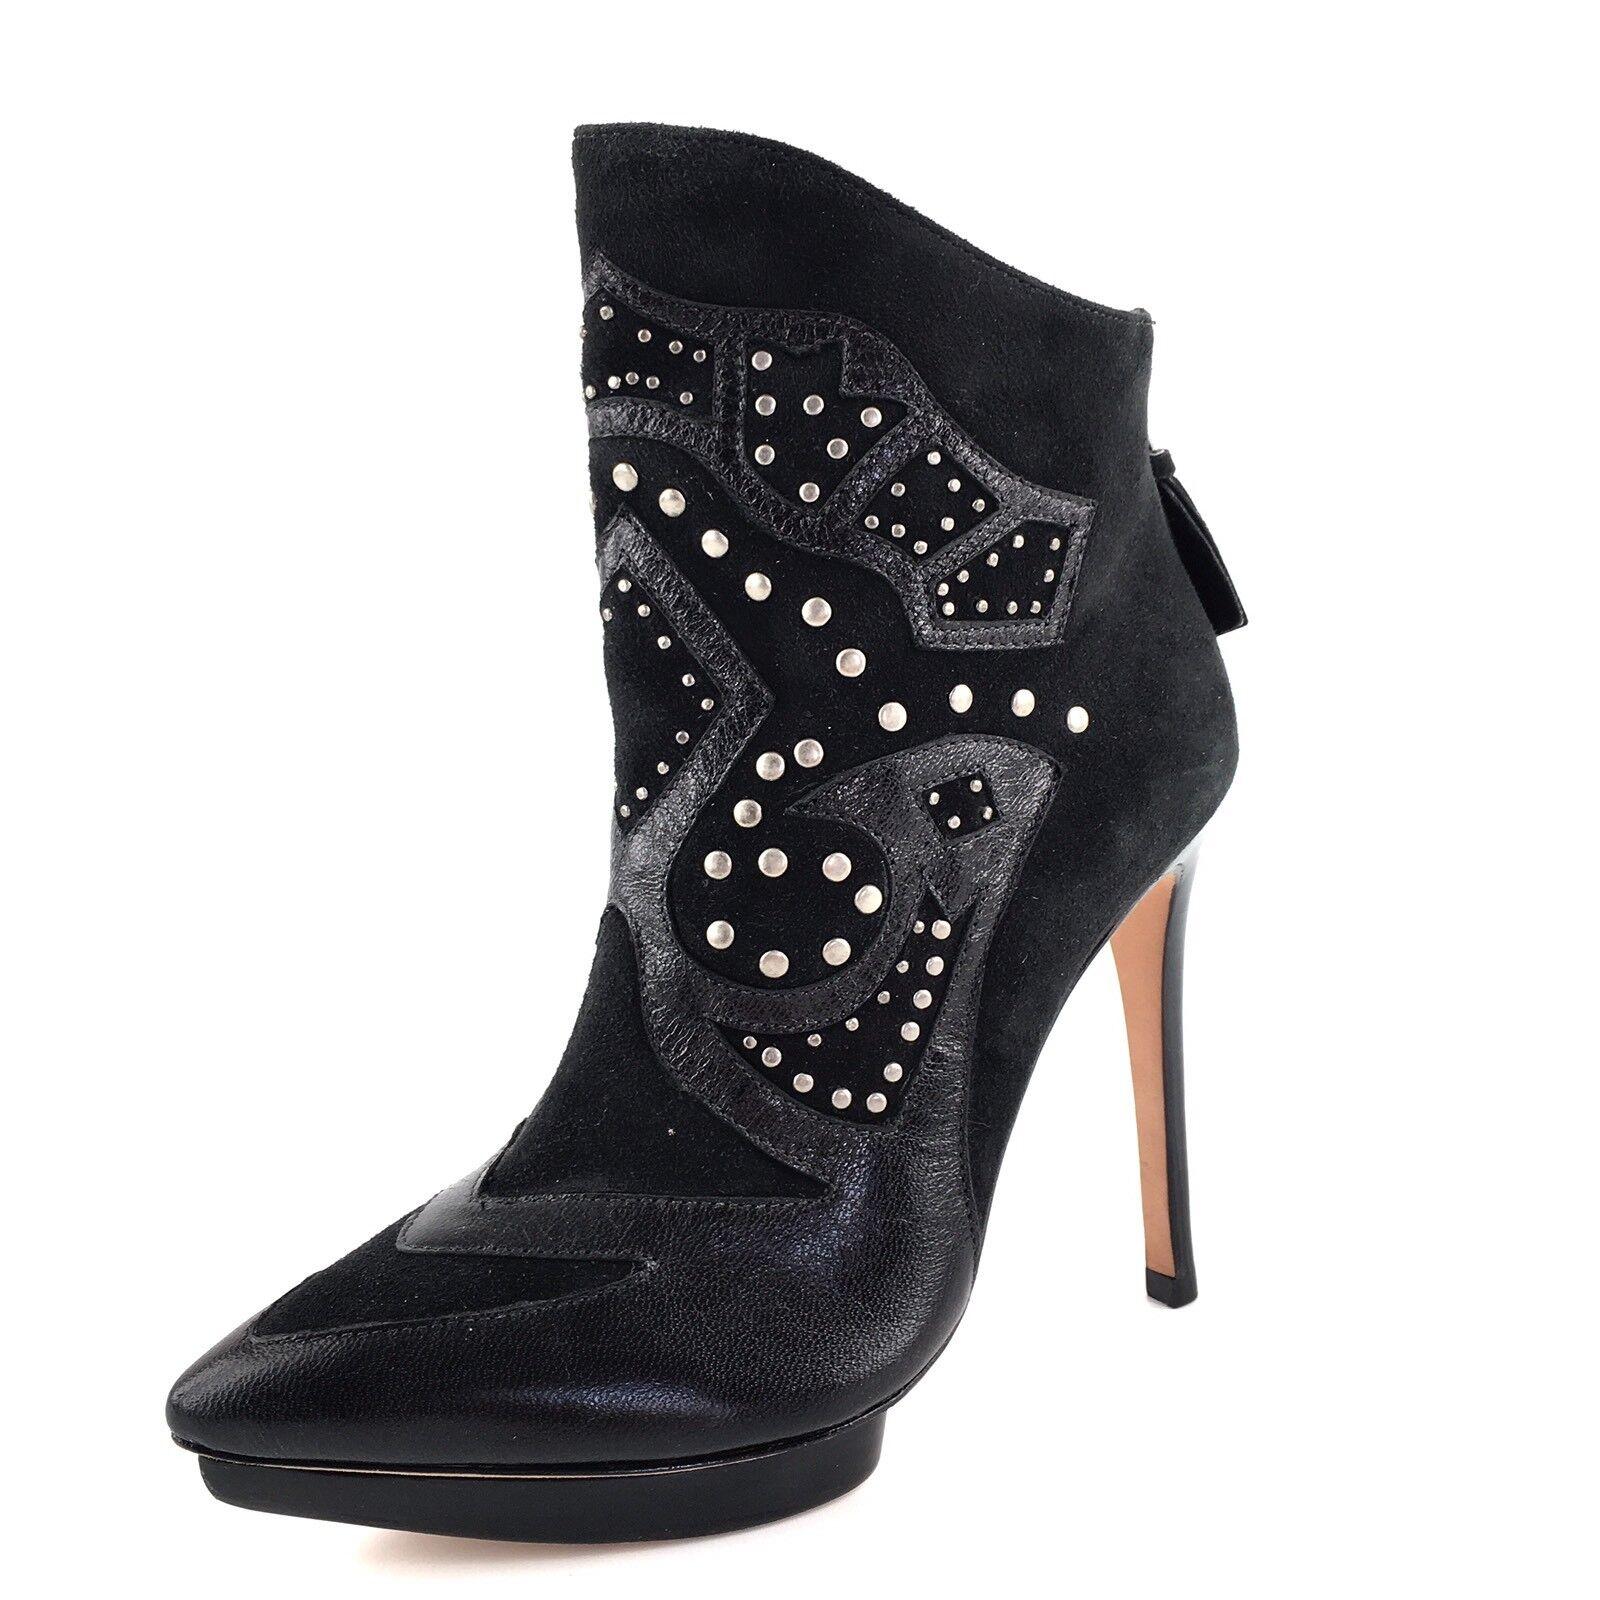 scelte con prezzo basso Alice & Olivia By Stacey Bendet nero Suede Suede Suede Ankle stivali Donna  Dimensione 35.5 M  Sconto del 70% a buon mercato